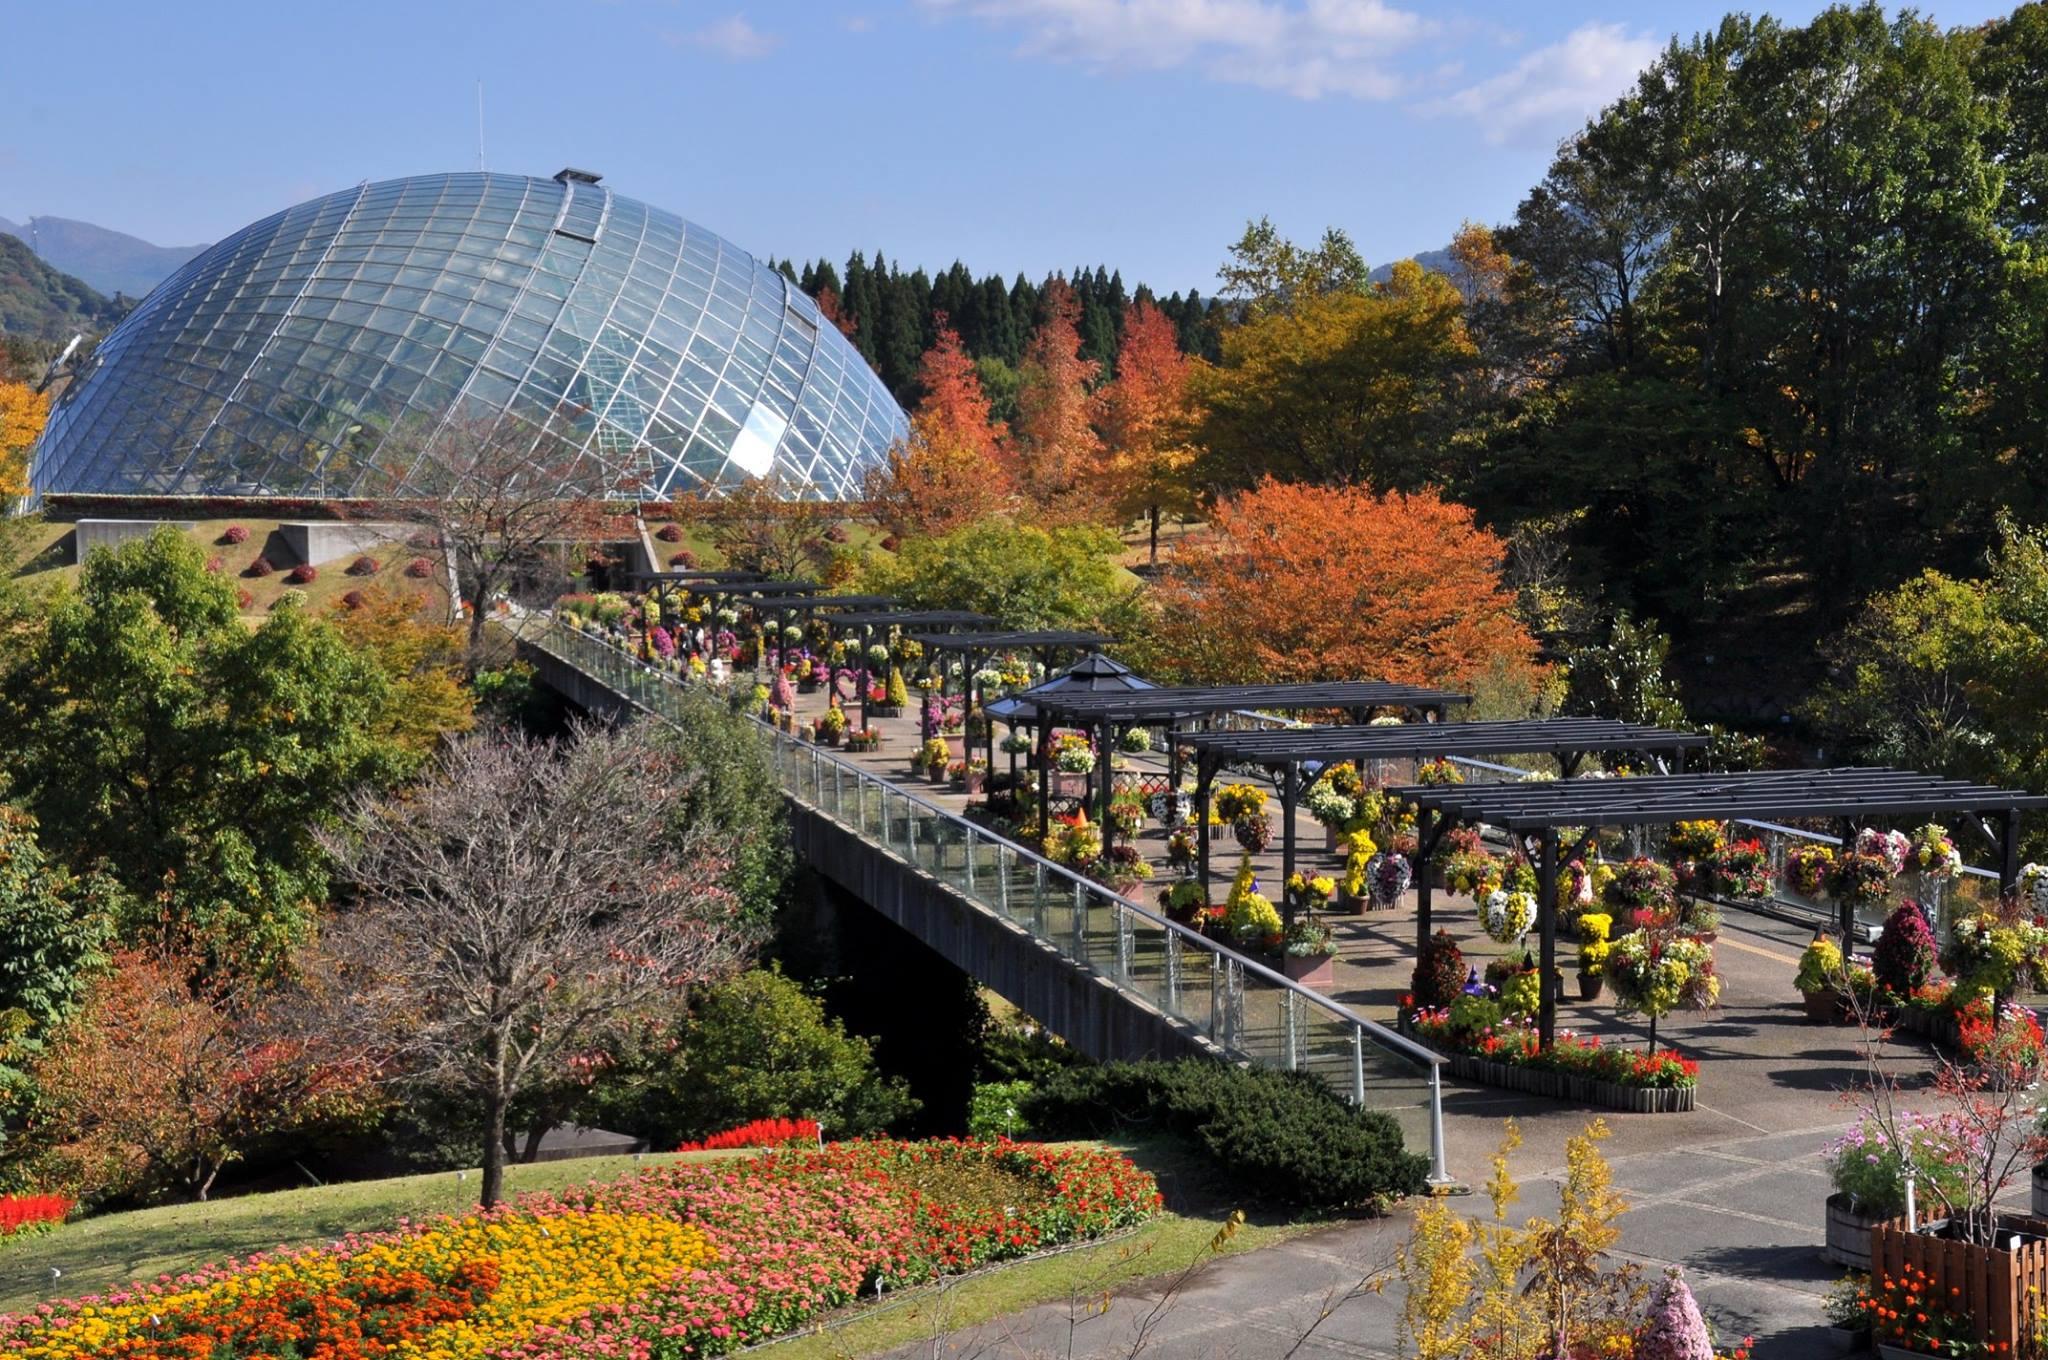 Tottori-Hanakairo-Flower-Park-Flower-Dome